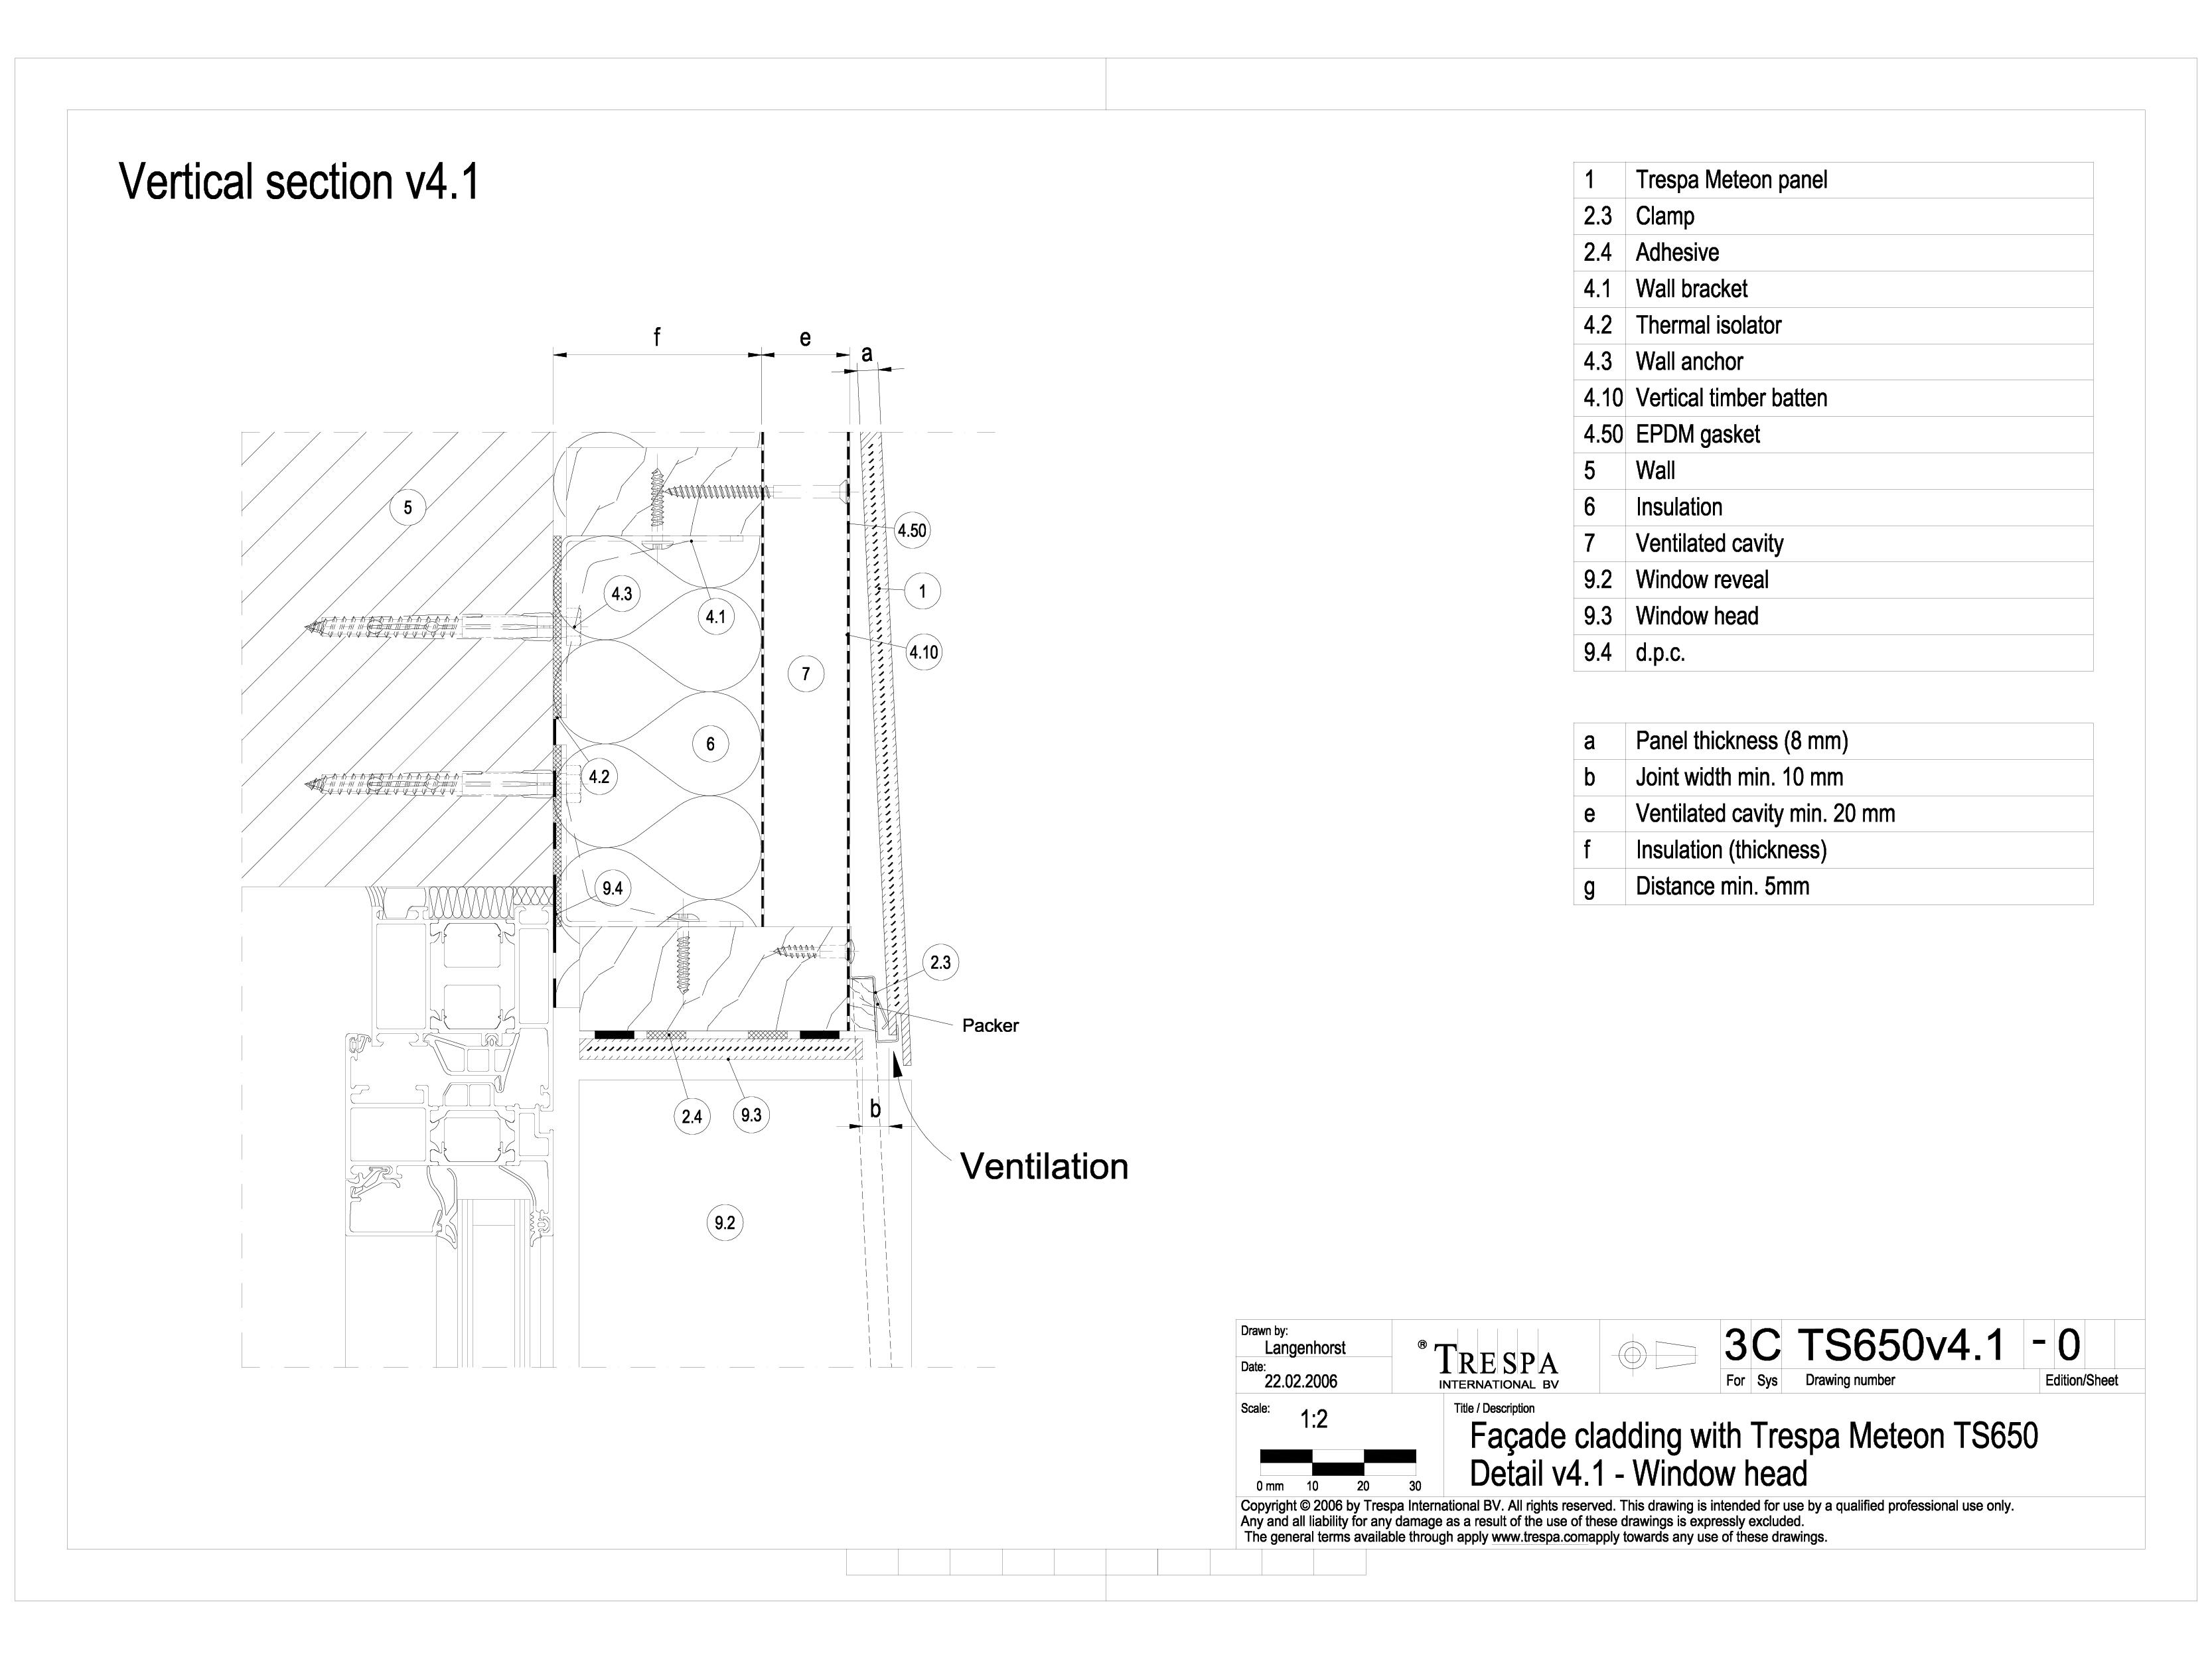 Sisteme de prindere fatade ventilate cu clame, detaliu de racordare la fereastra METEON TRESPA Placi HPL pentru fatade ventilate GIBB TECHNOLOGIES  - Pagina 1